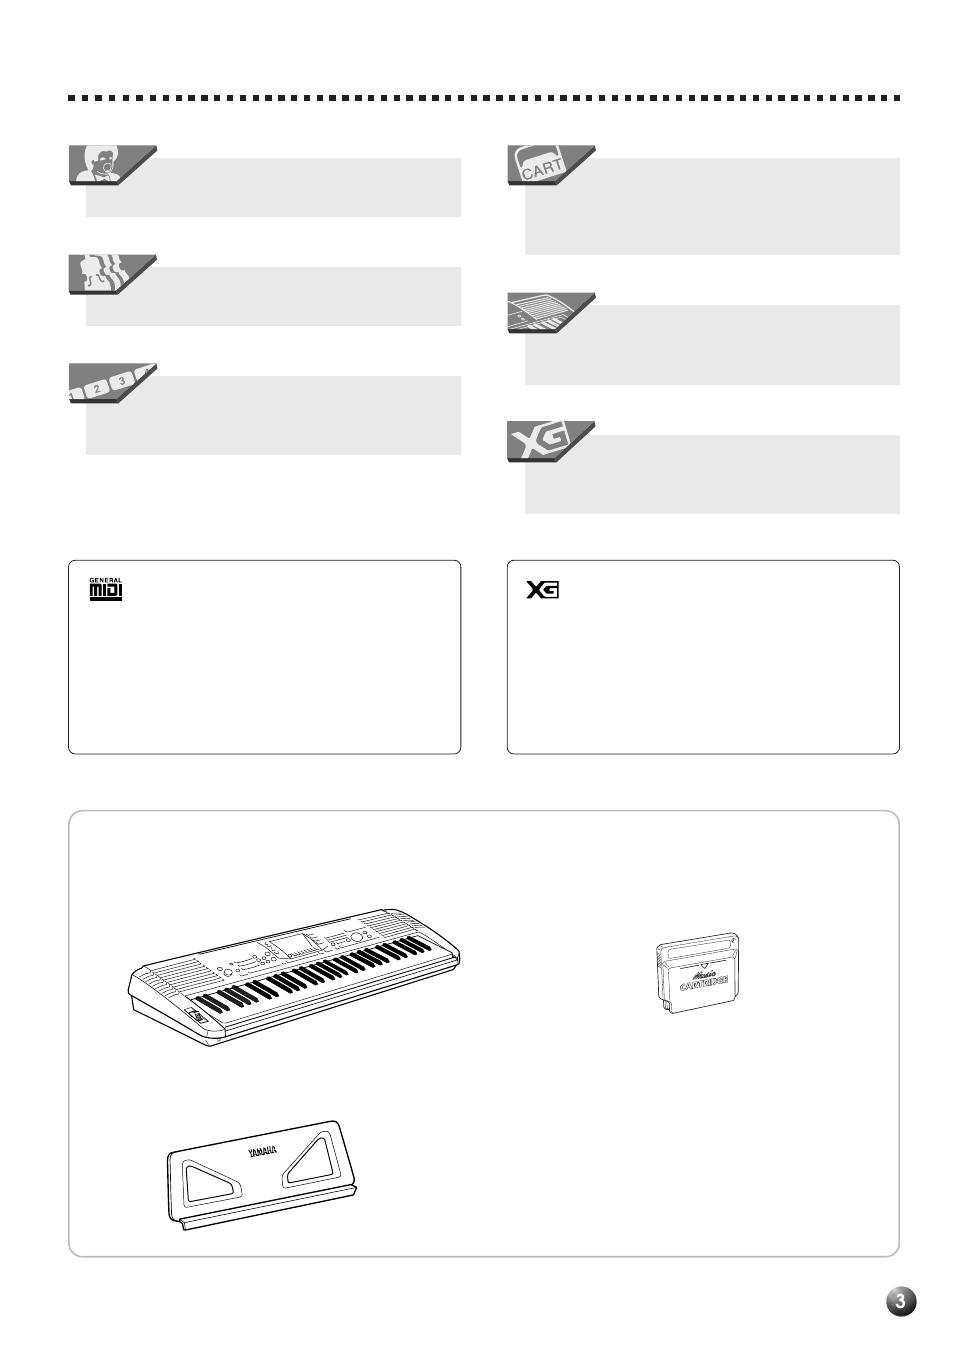 packing list yamaha psr 530 user manual page 5 130 original mode rh manualsdir com yamaha psr 540 manual pdf download yamaha keyboard psr-530 manual